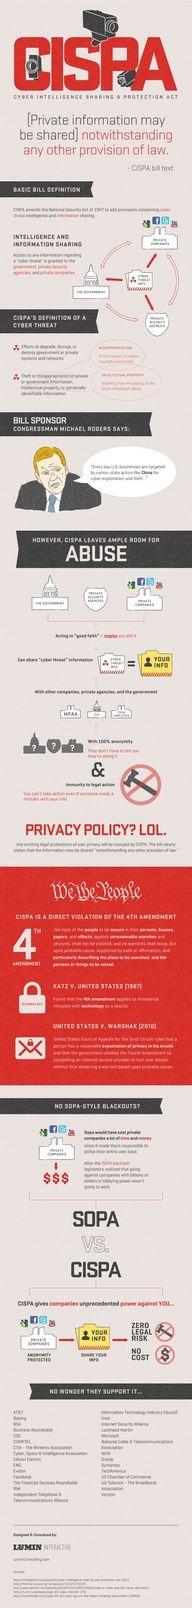 ¿La ley #CISPA es peor que la ley #SOPA? #infografia #infographic #Internet